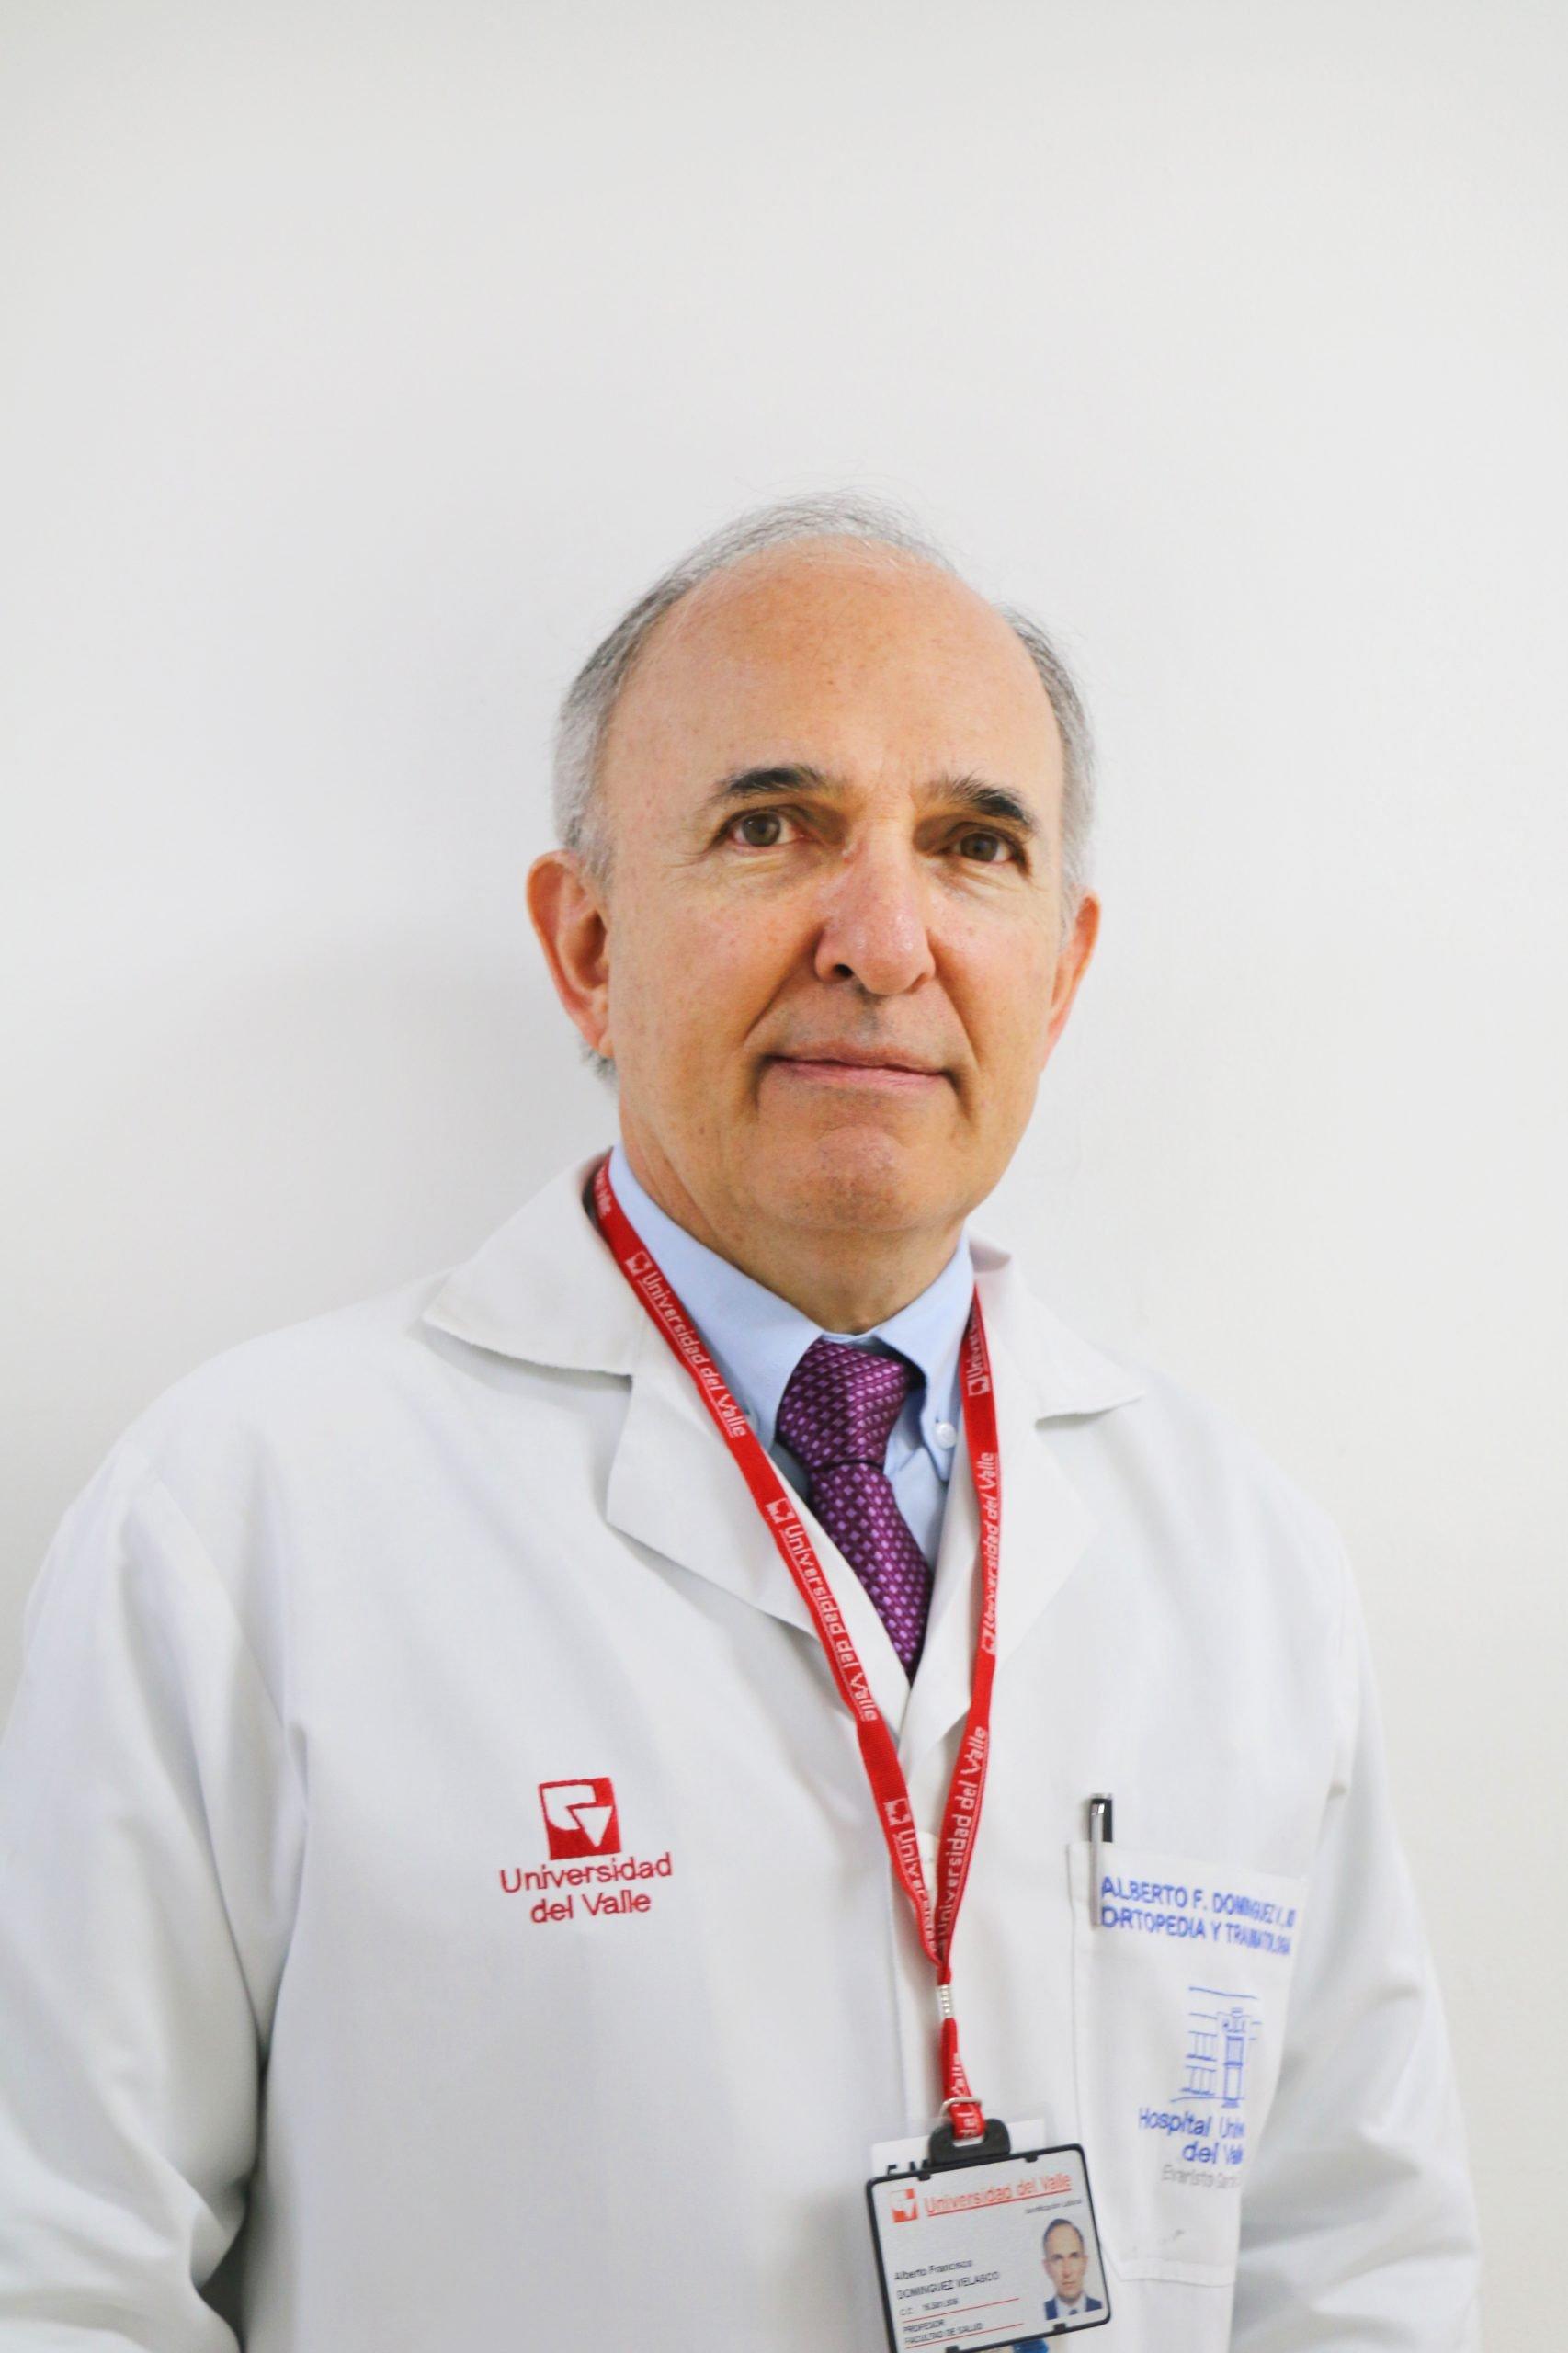 Dr. Alberto Francisco Dominguez Velasco